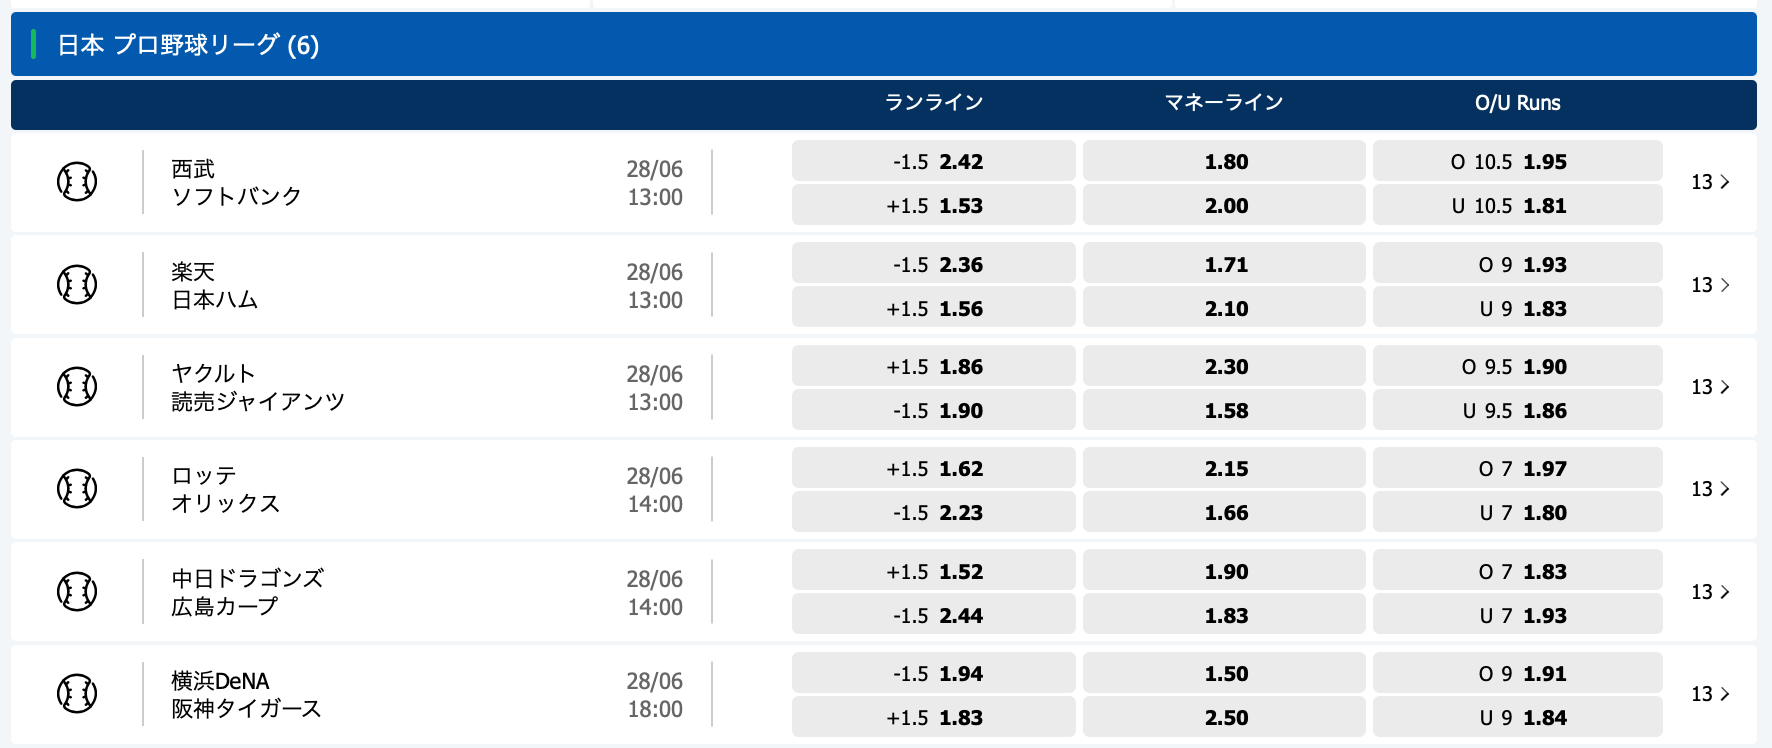 2020.6.28 プロ野球オッズ・10bet Japan